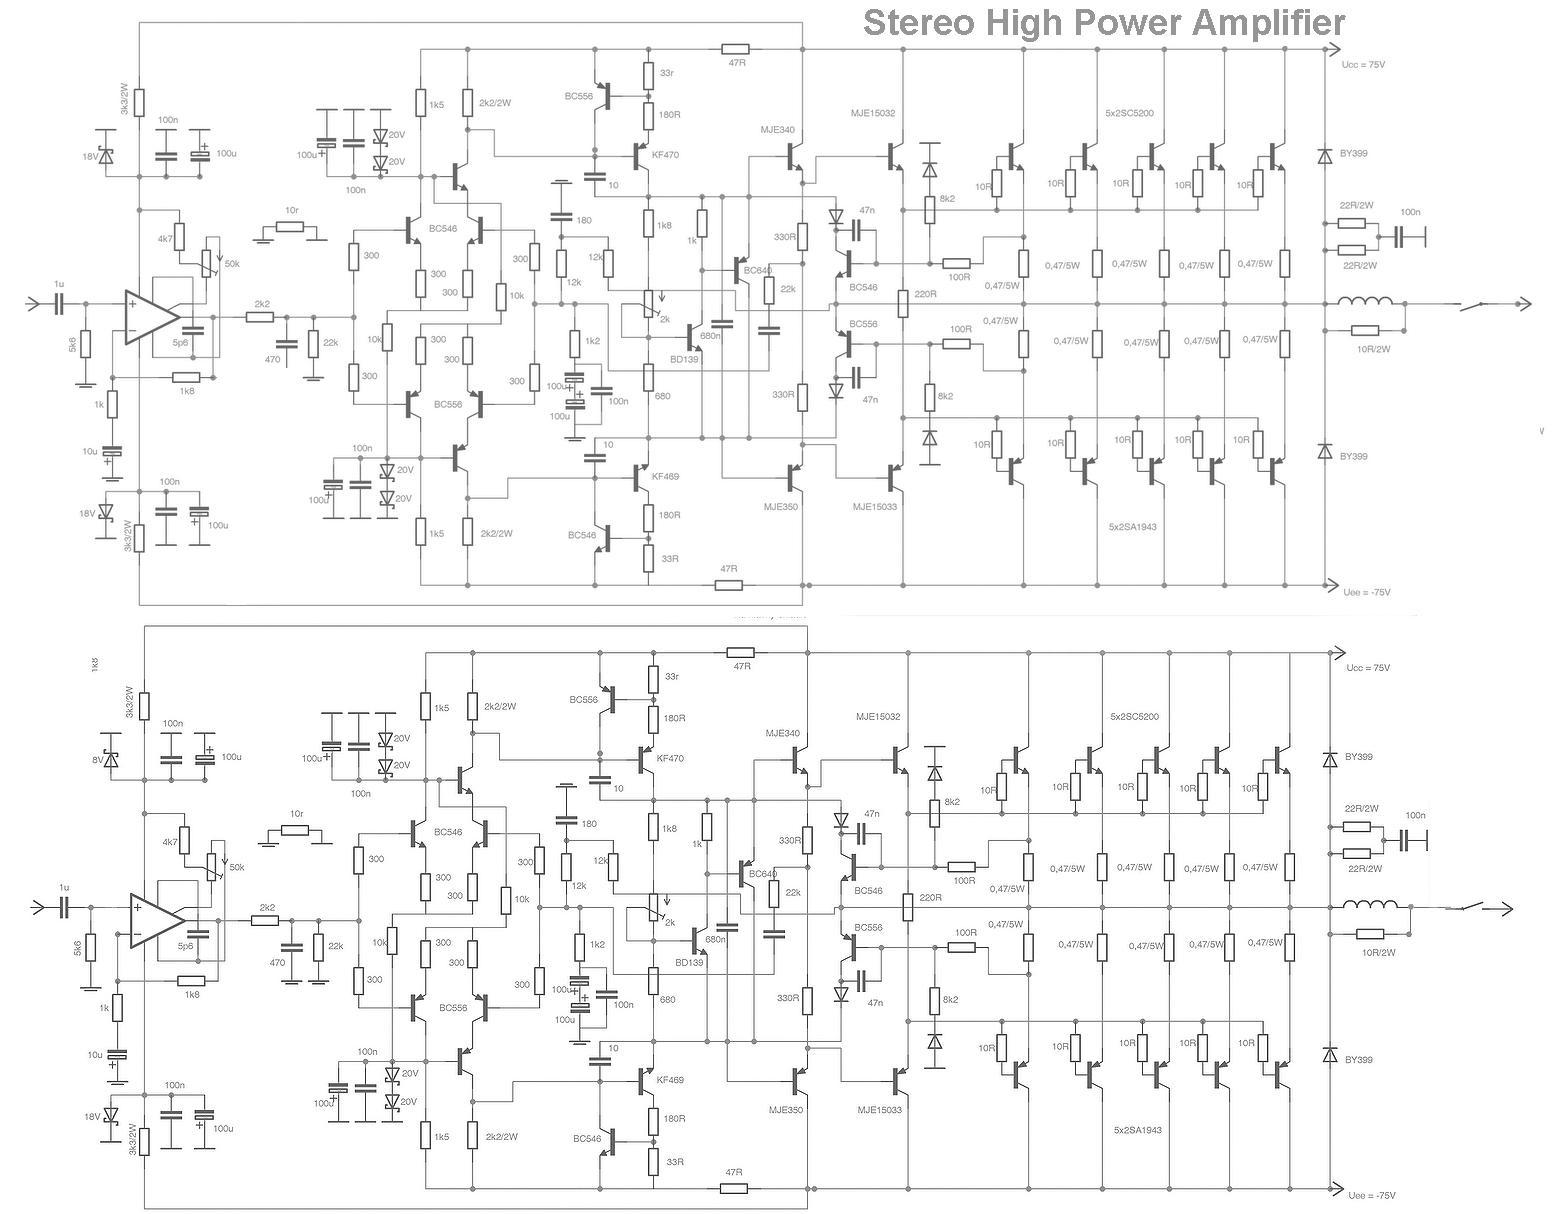 [FZ_8640] High Power Audio Amplifier Schematic Free Diagram